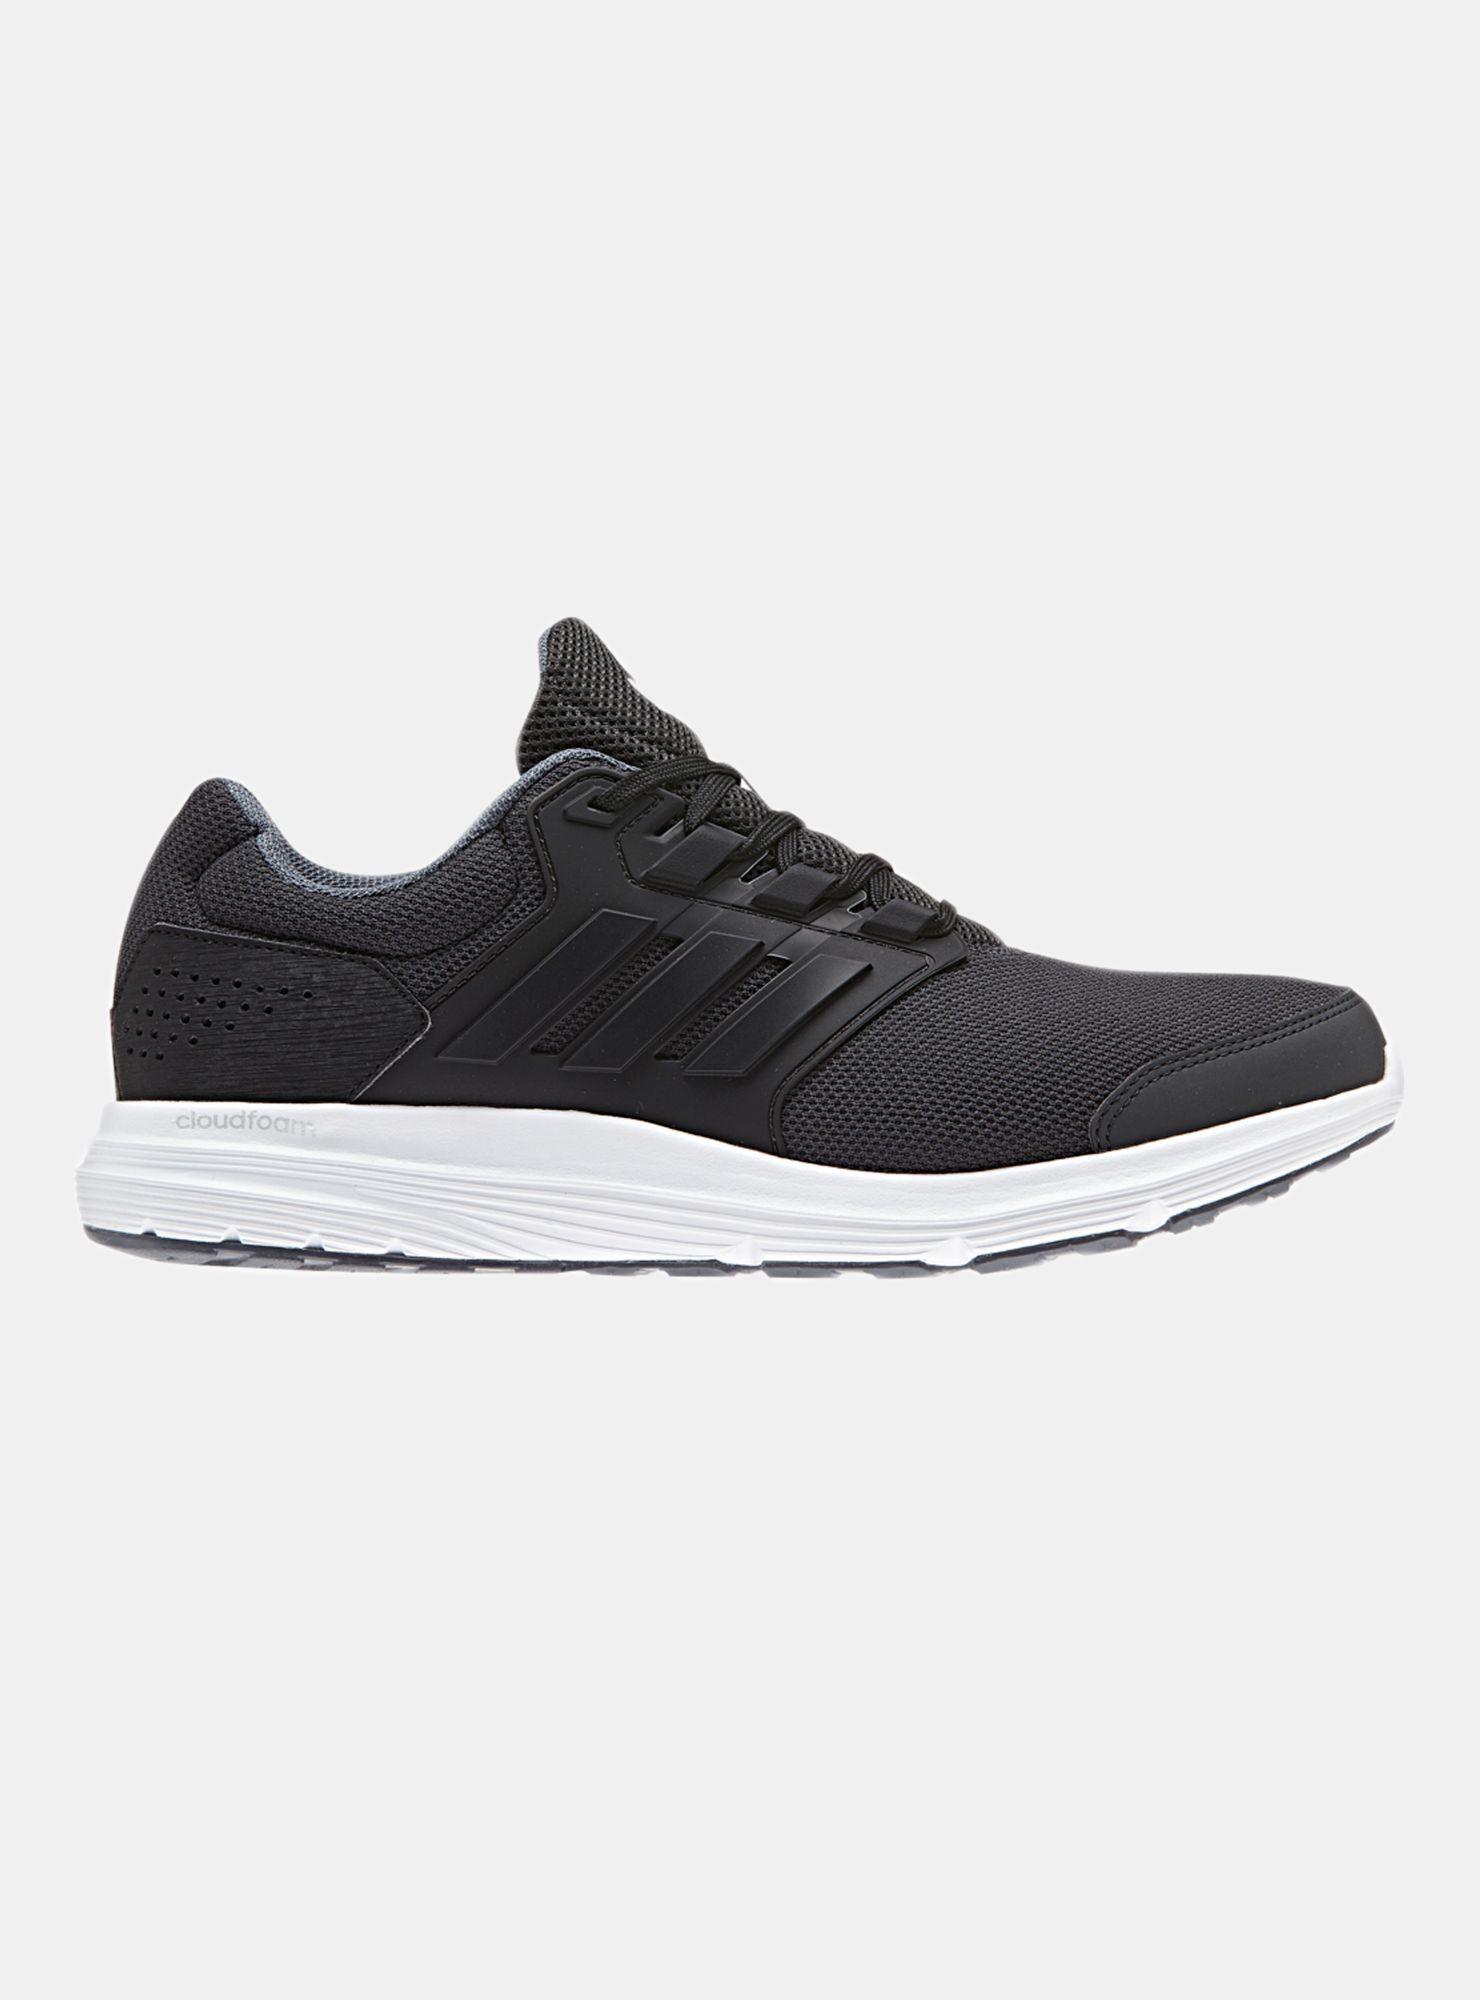 Adidas Res gris Zapatilla hi Running 4 Hombre Galaxy fnqa6wa4dp